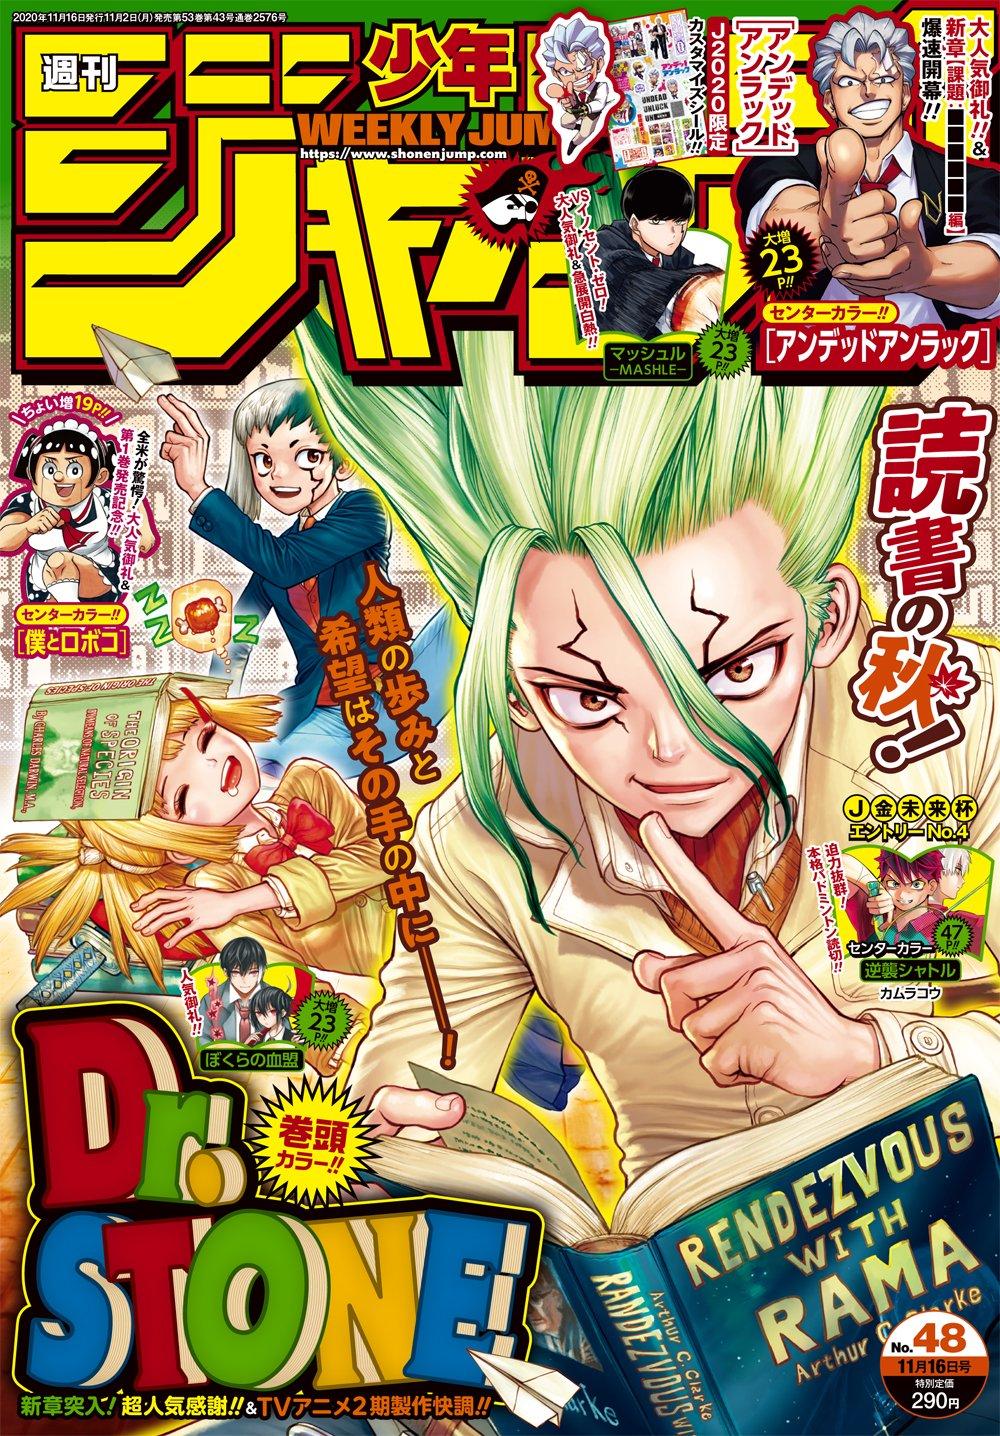 週刊少年ジャンプ 2020年48号 [Weekly Shonen Jump 2020 No.48+RAR]